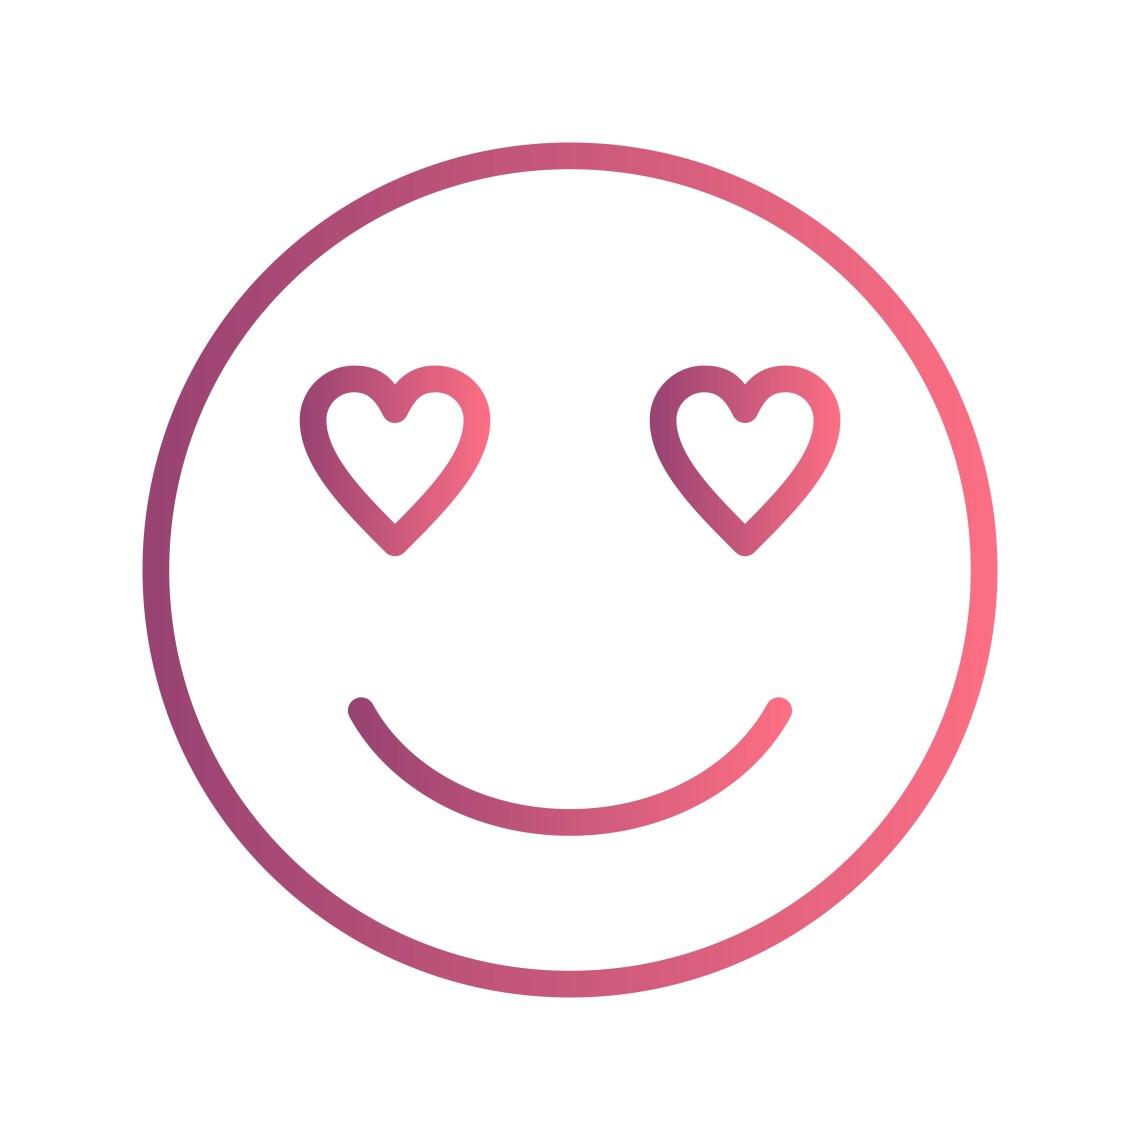 Download Love Emoji Vector Icon - Download Free Vectors, Clipart ...